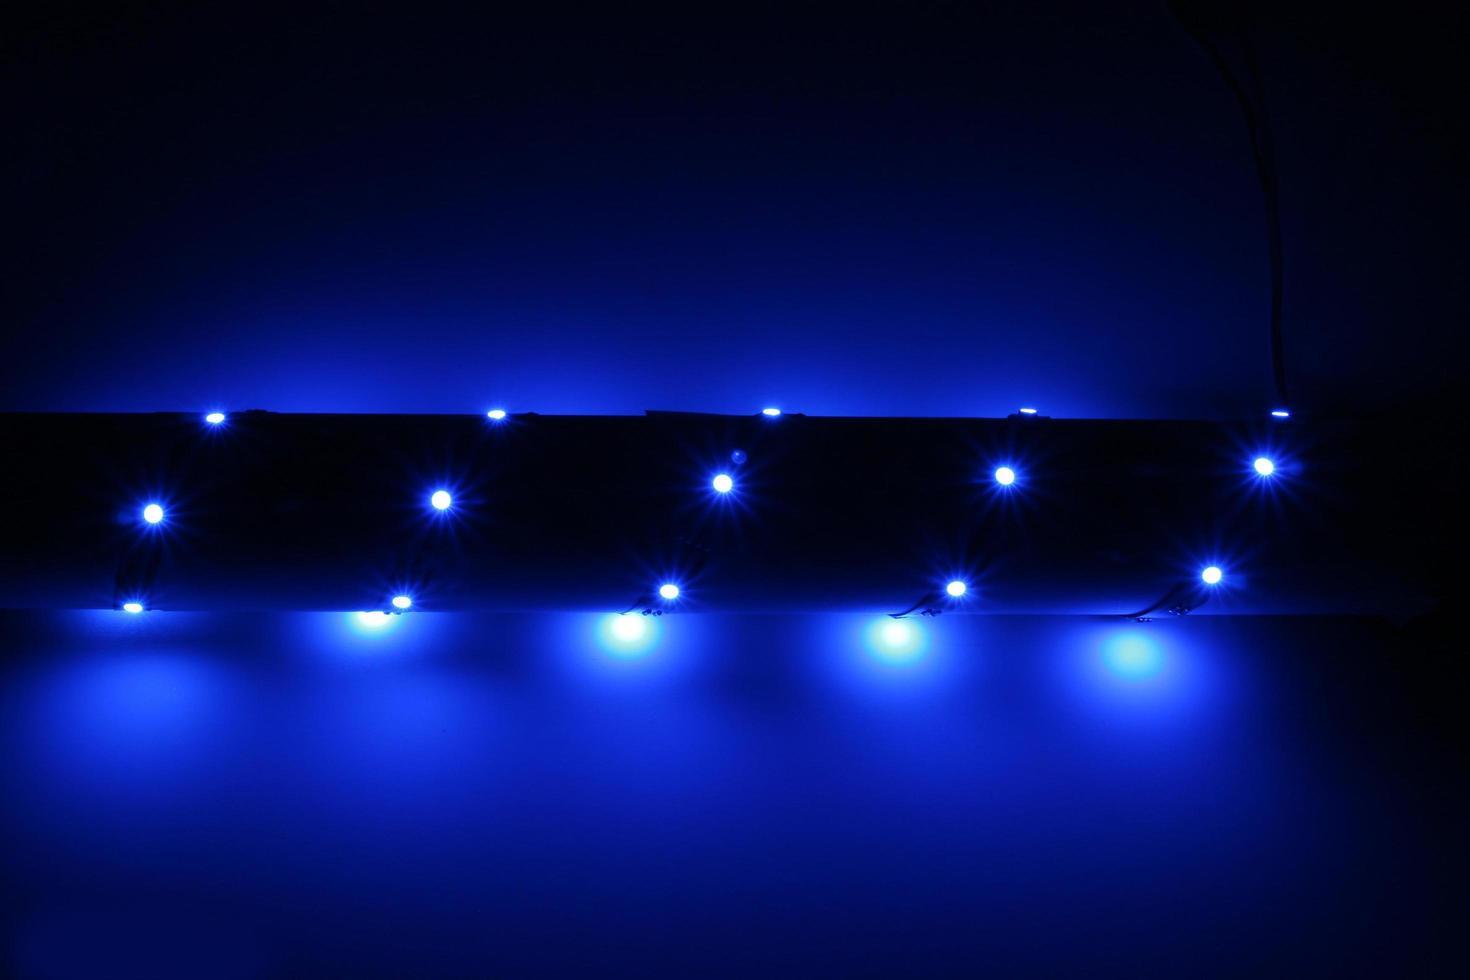 led-verlichtingsarmaturen in verschillende kleuren voor decoratieve verlichting foto